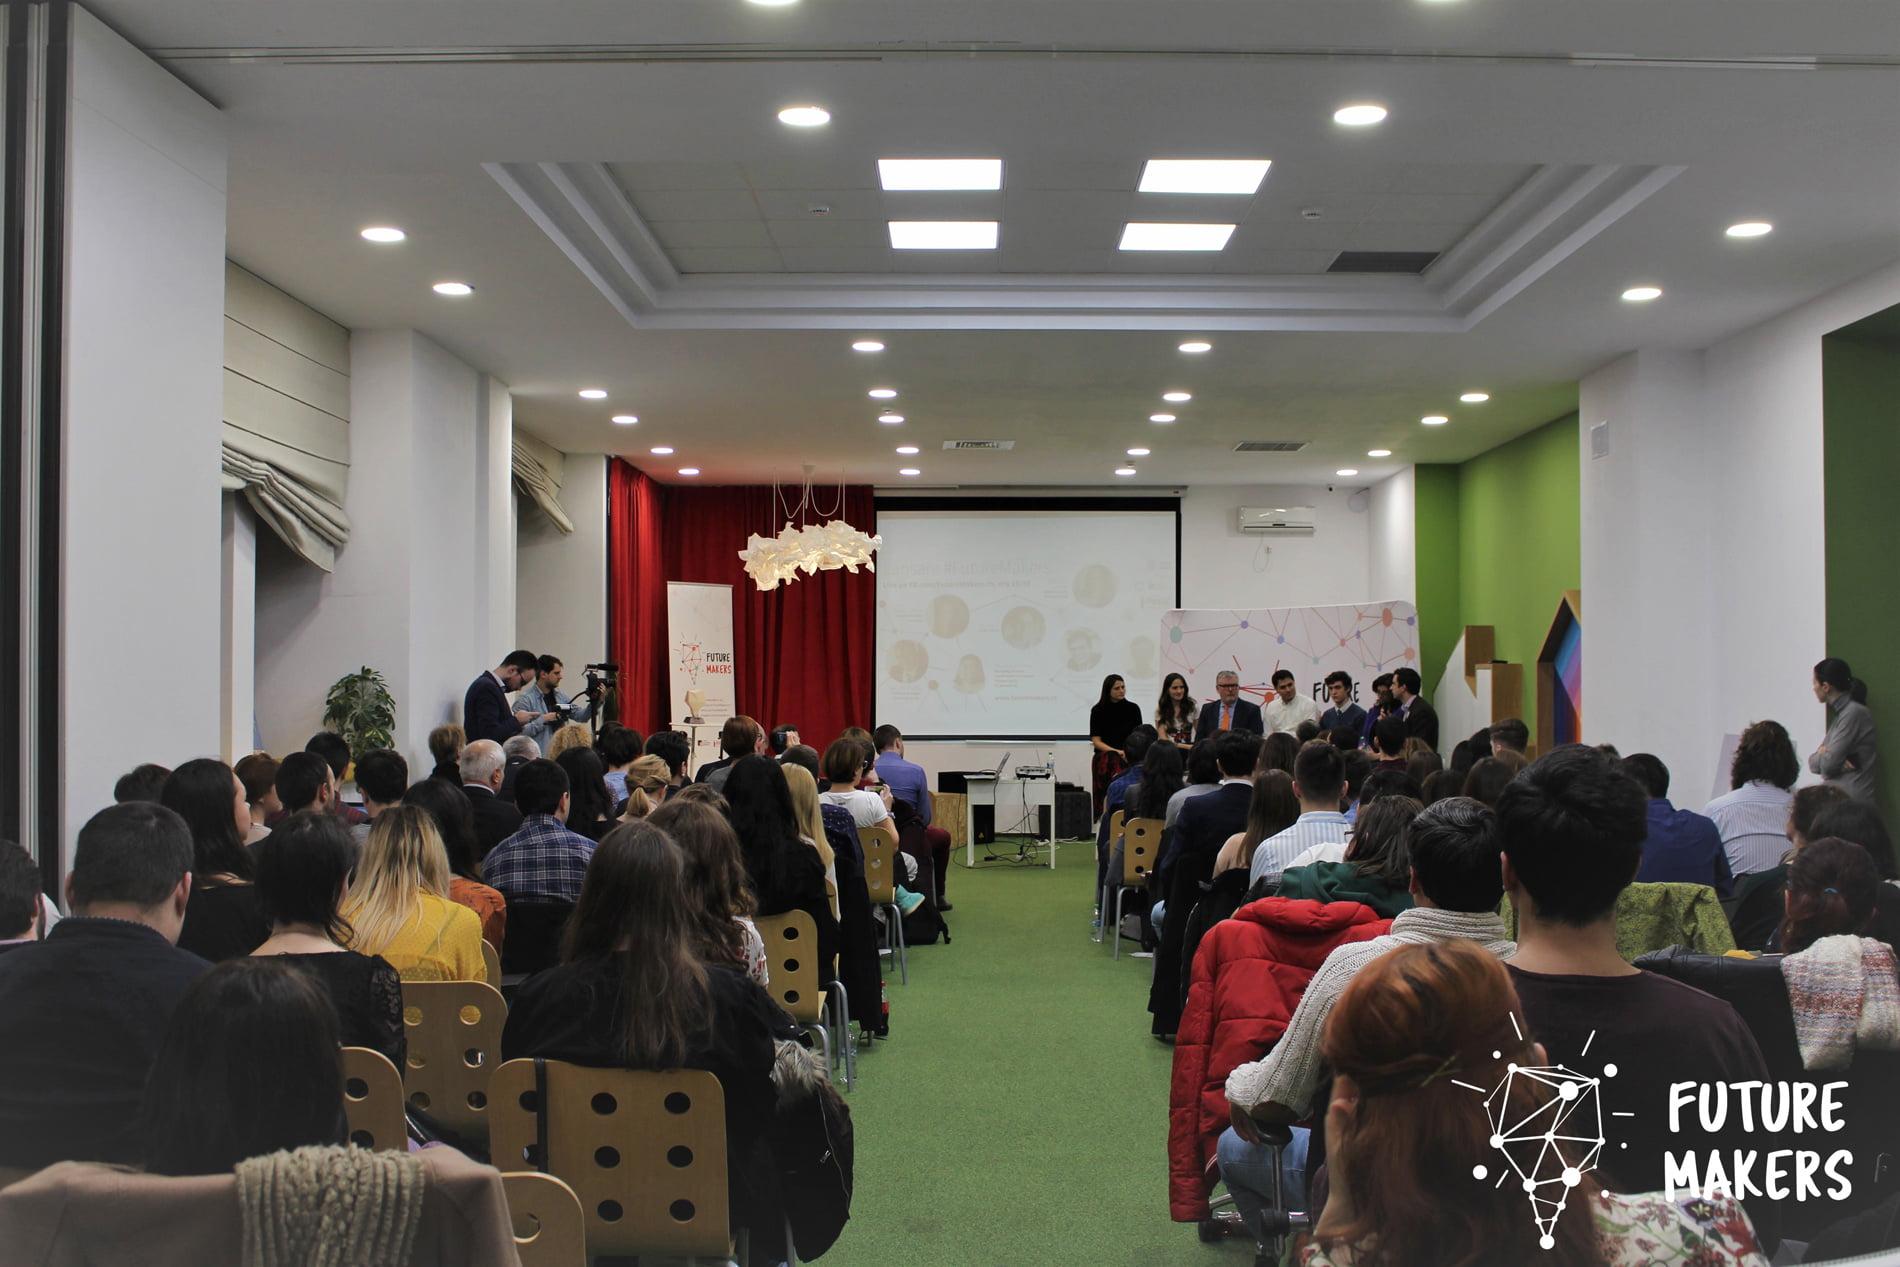 Competiția Future Makers, cu premii de 20.000 de euro, vine la Roman